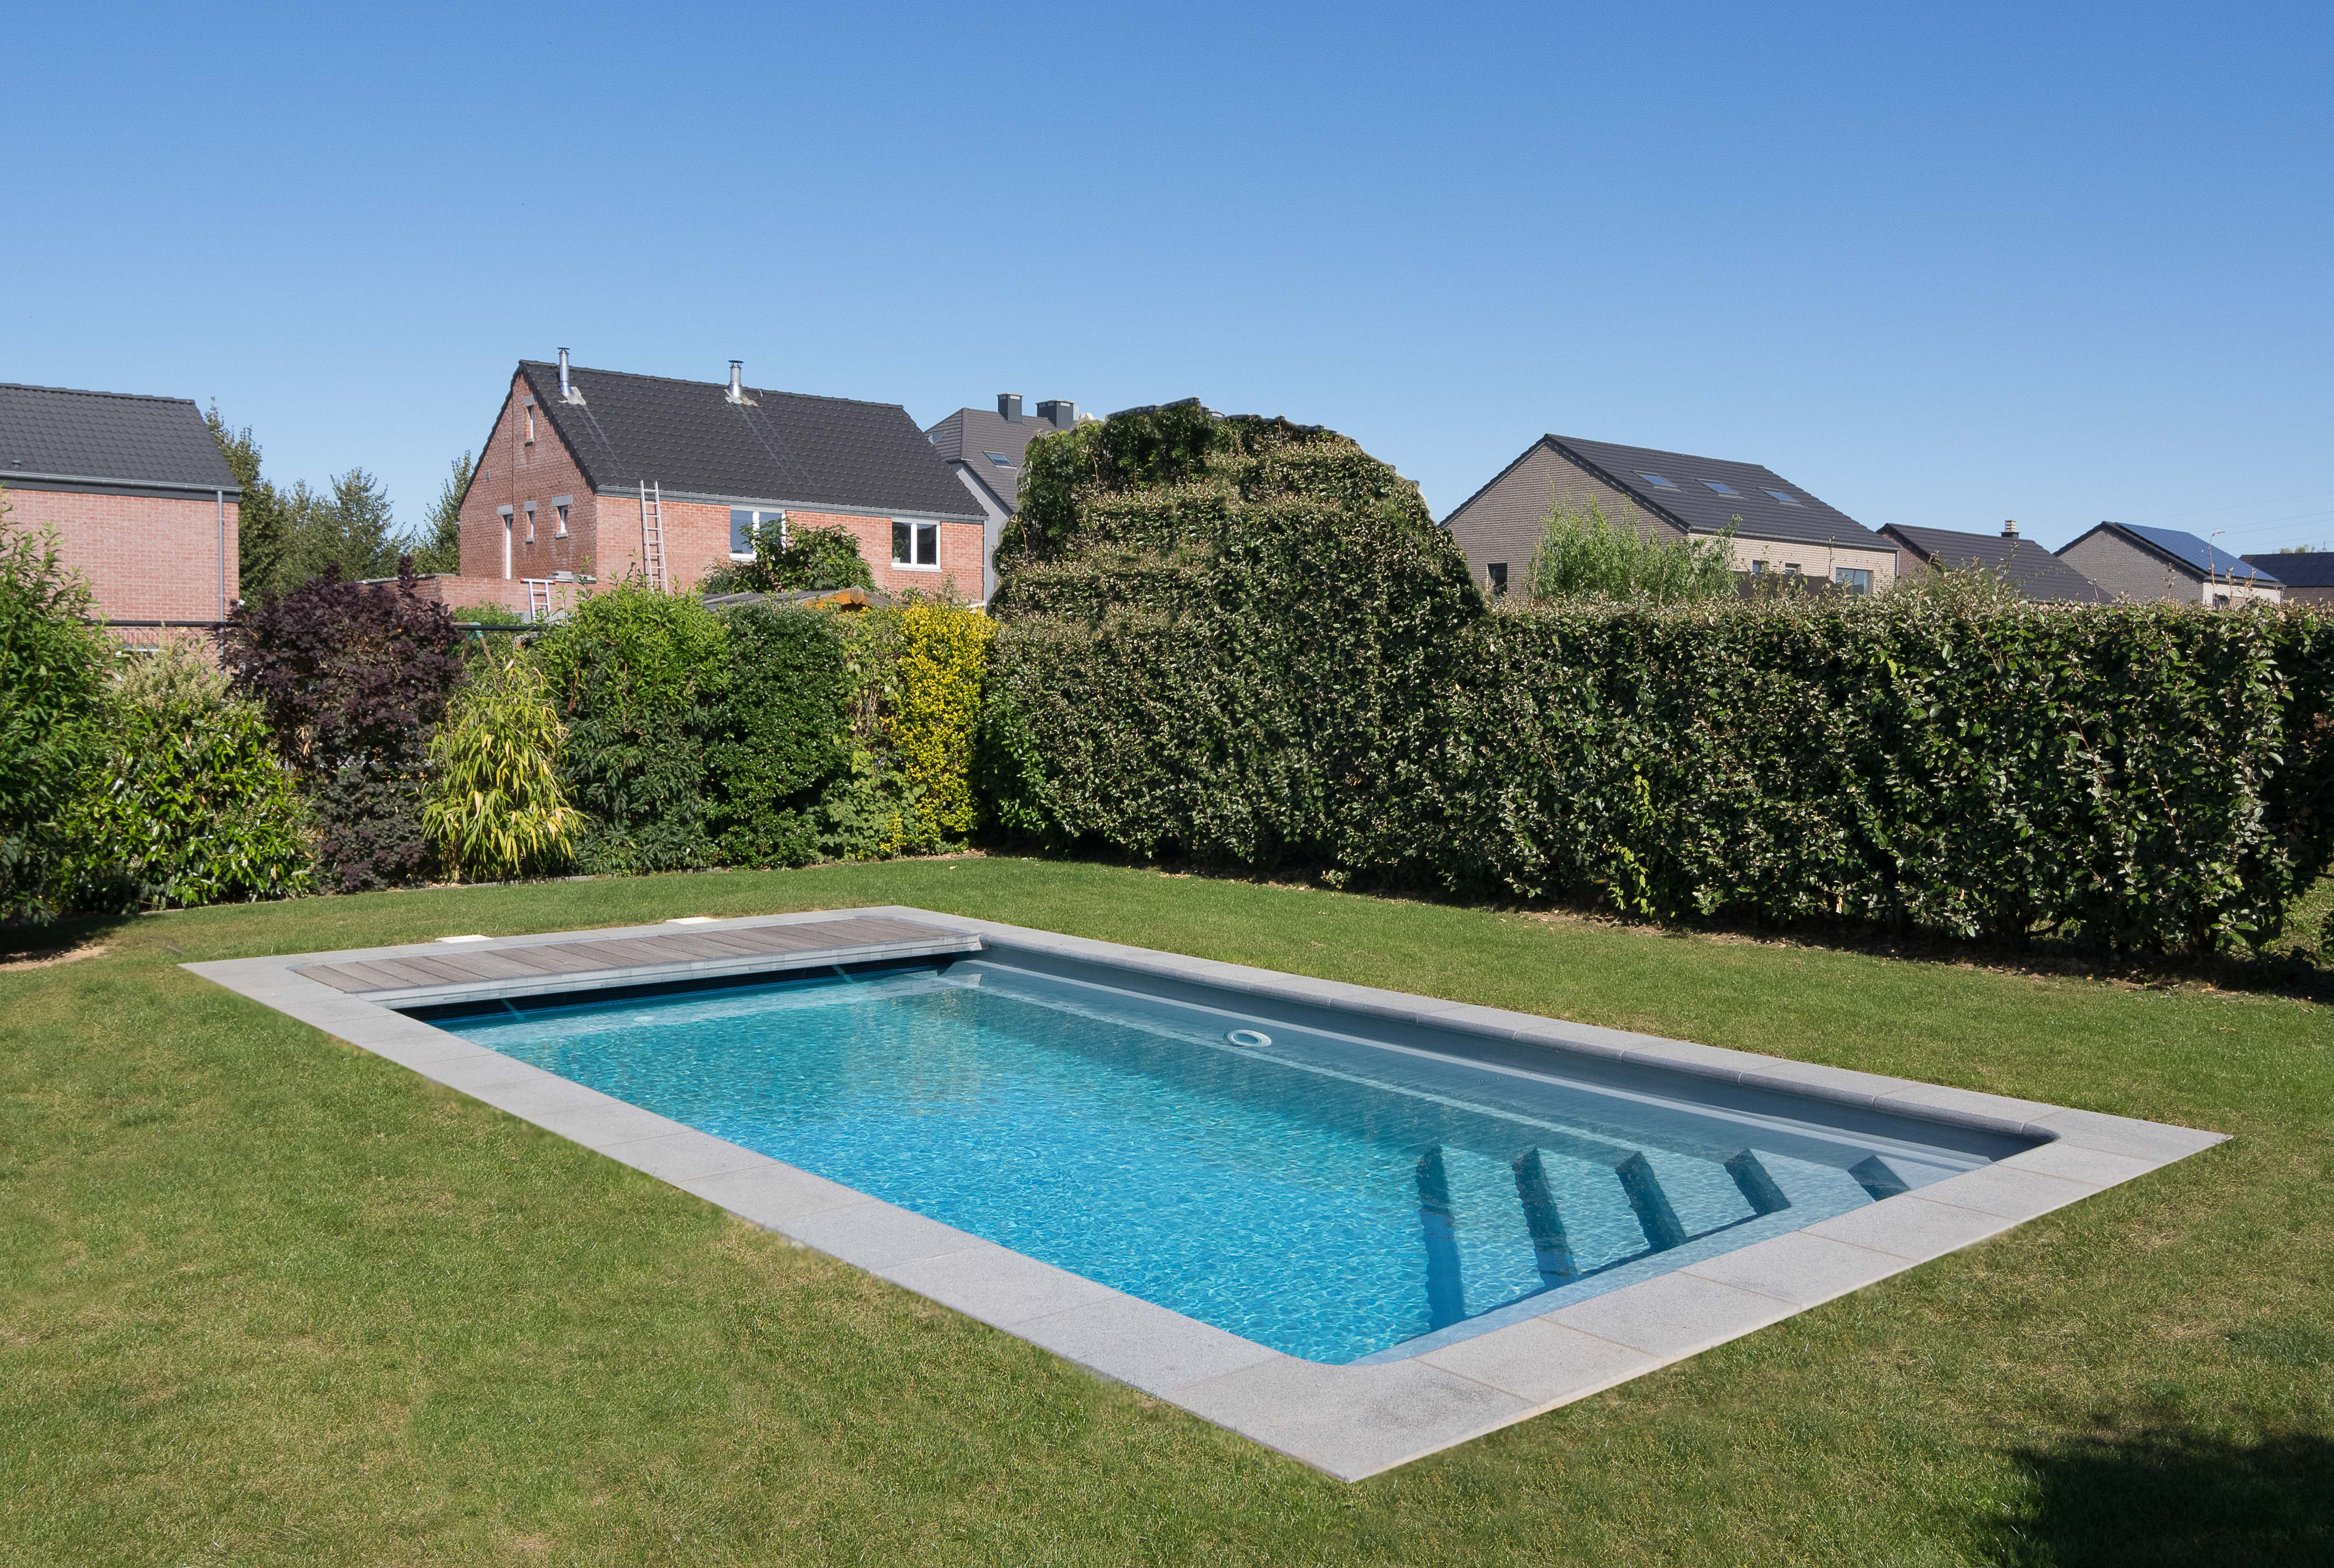 tahiti piscine coque rectangulaire mattimmo. Black Bedroom Furniture Sets. Home Design Ideas